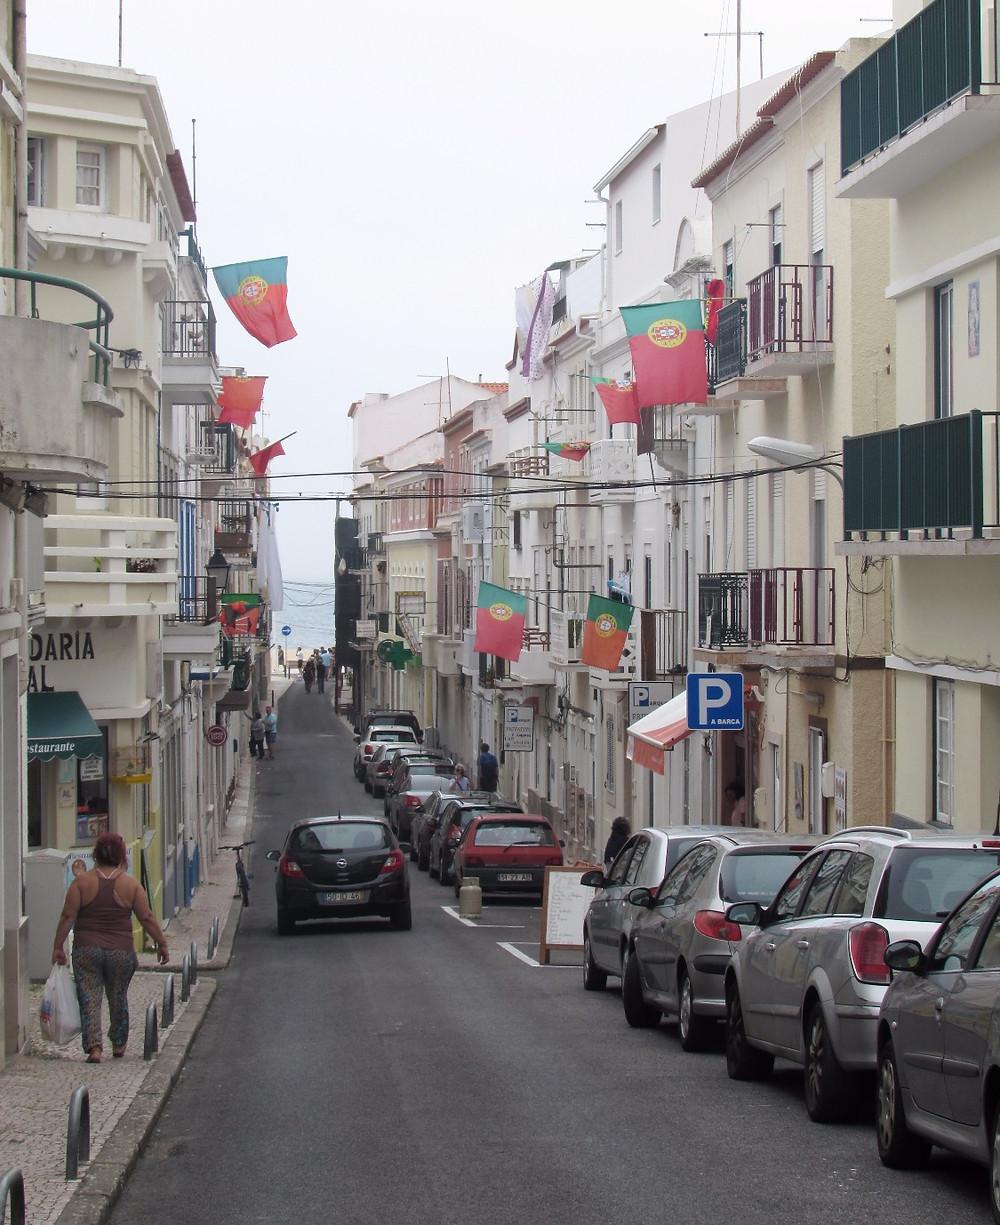 Улица с флагами